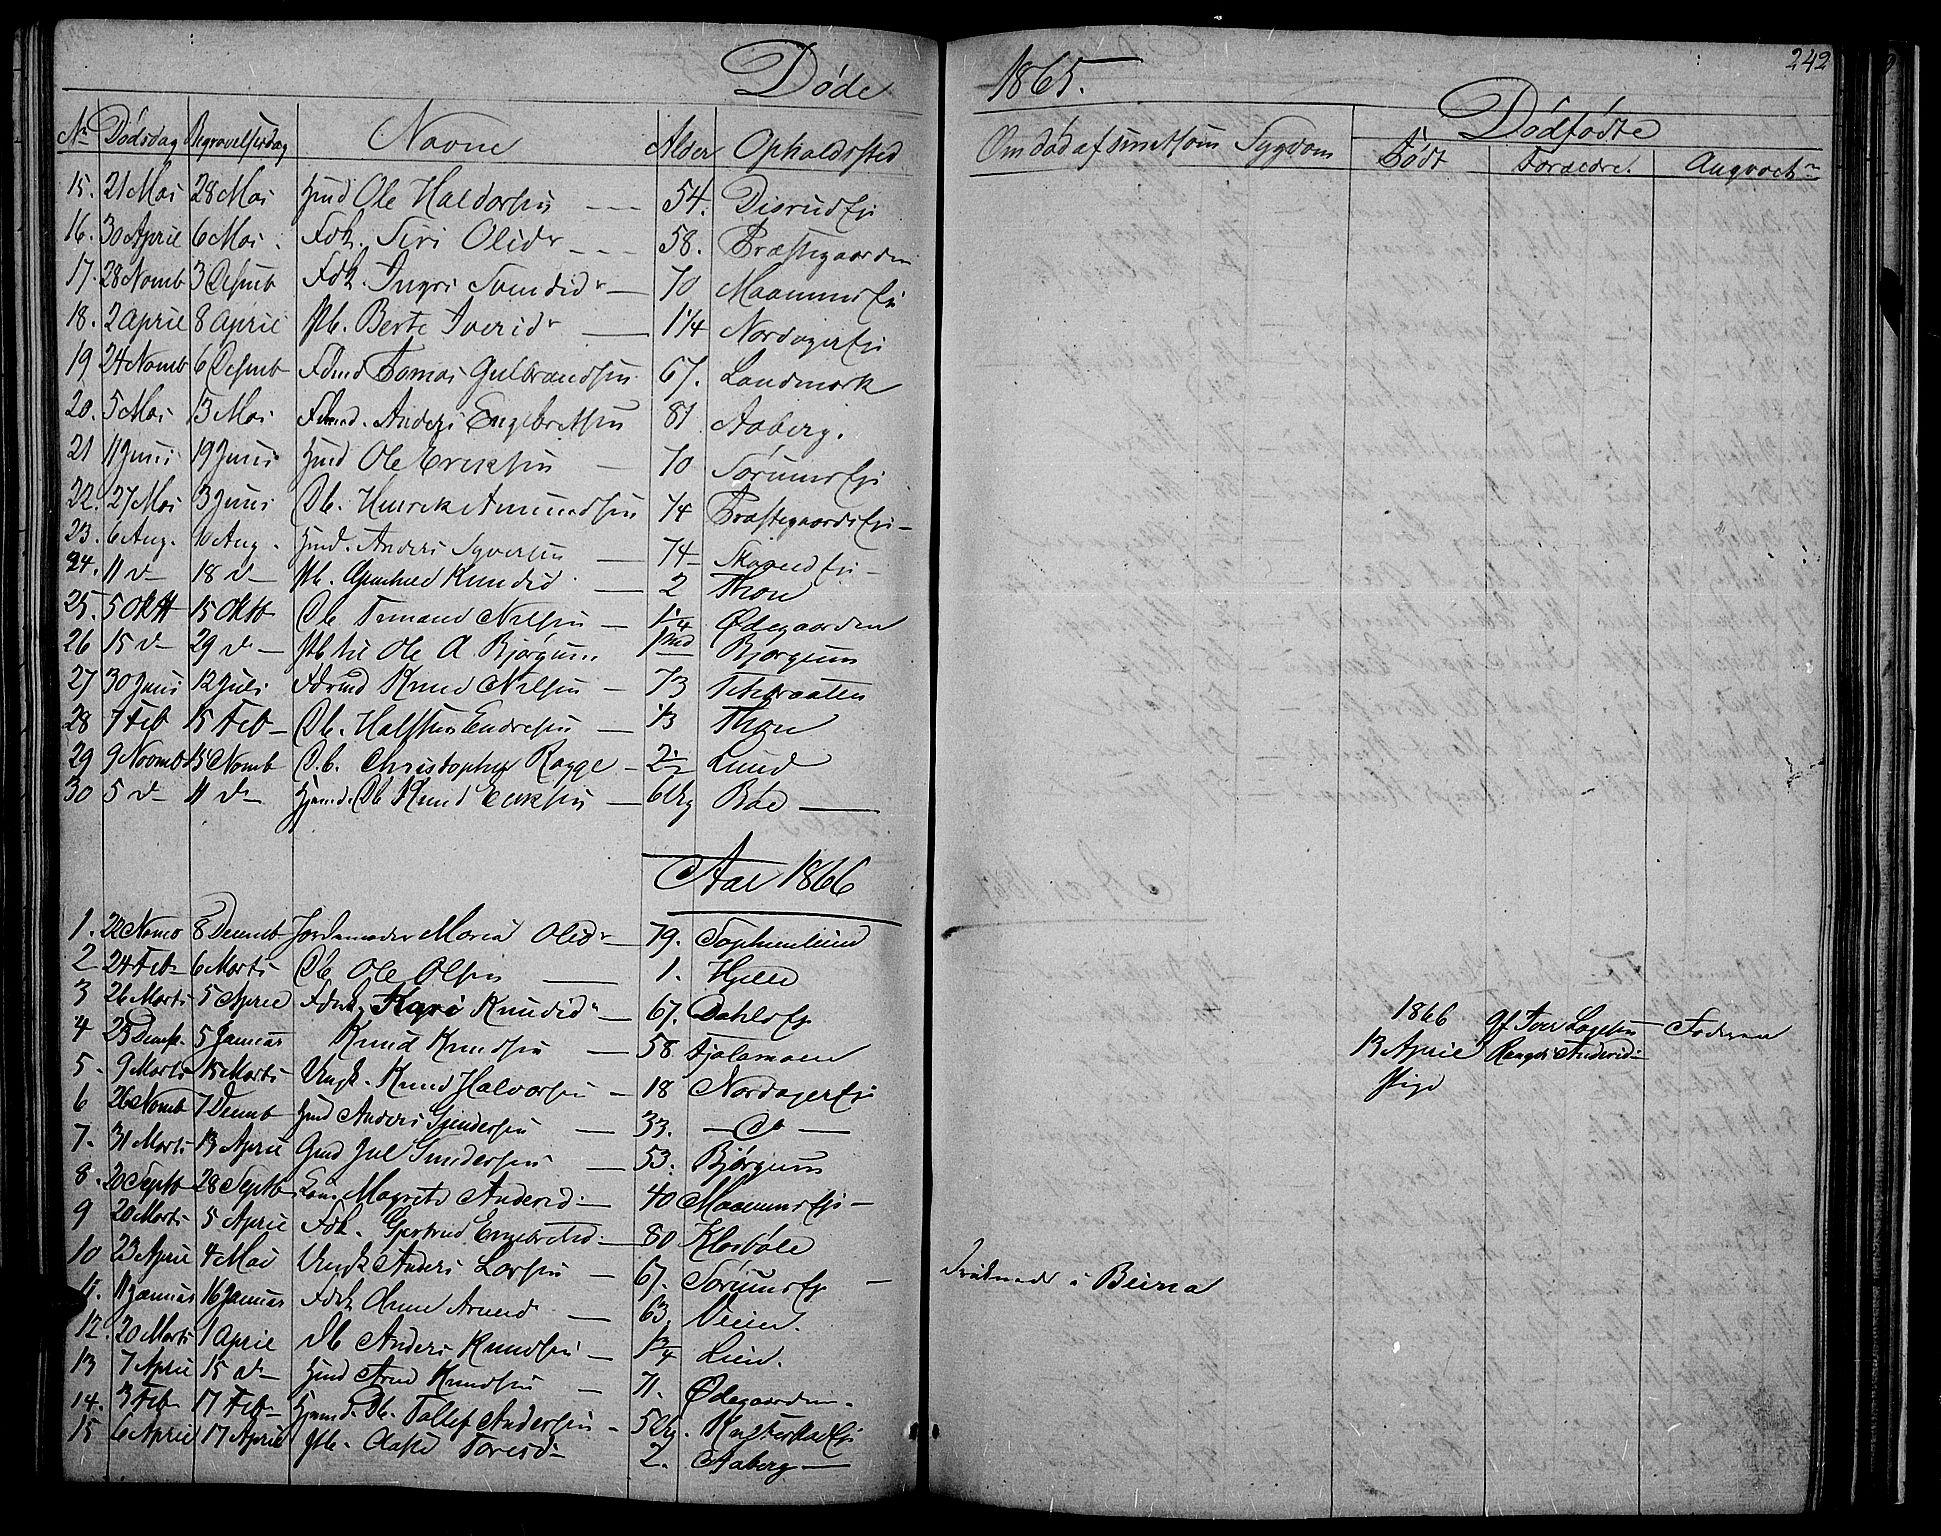 SAH, Nord-Aurdal prestekontor, Klokkerbok nr. 2, 1842-1877, s. 242